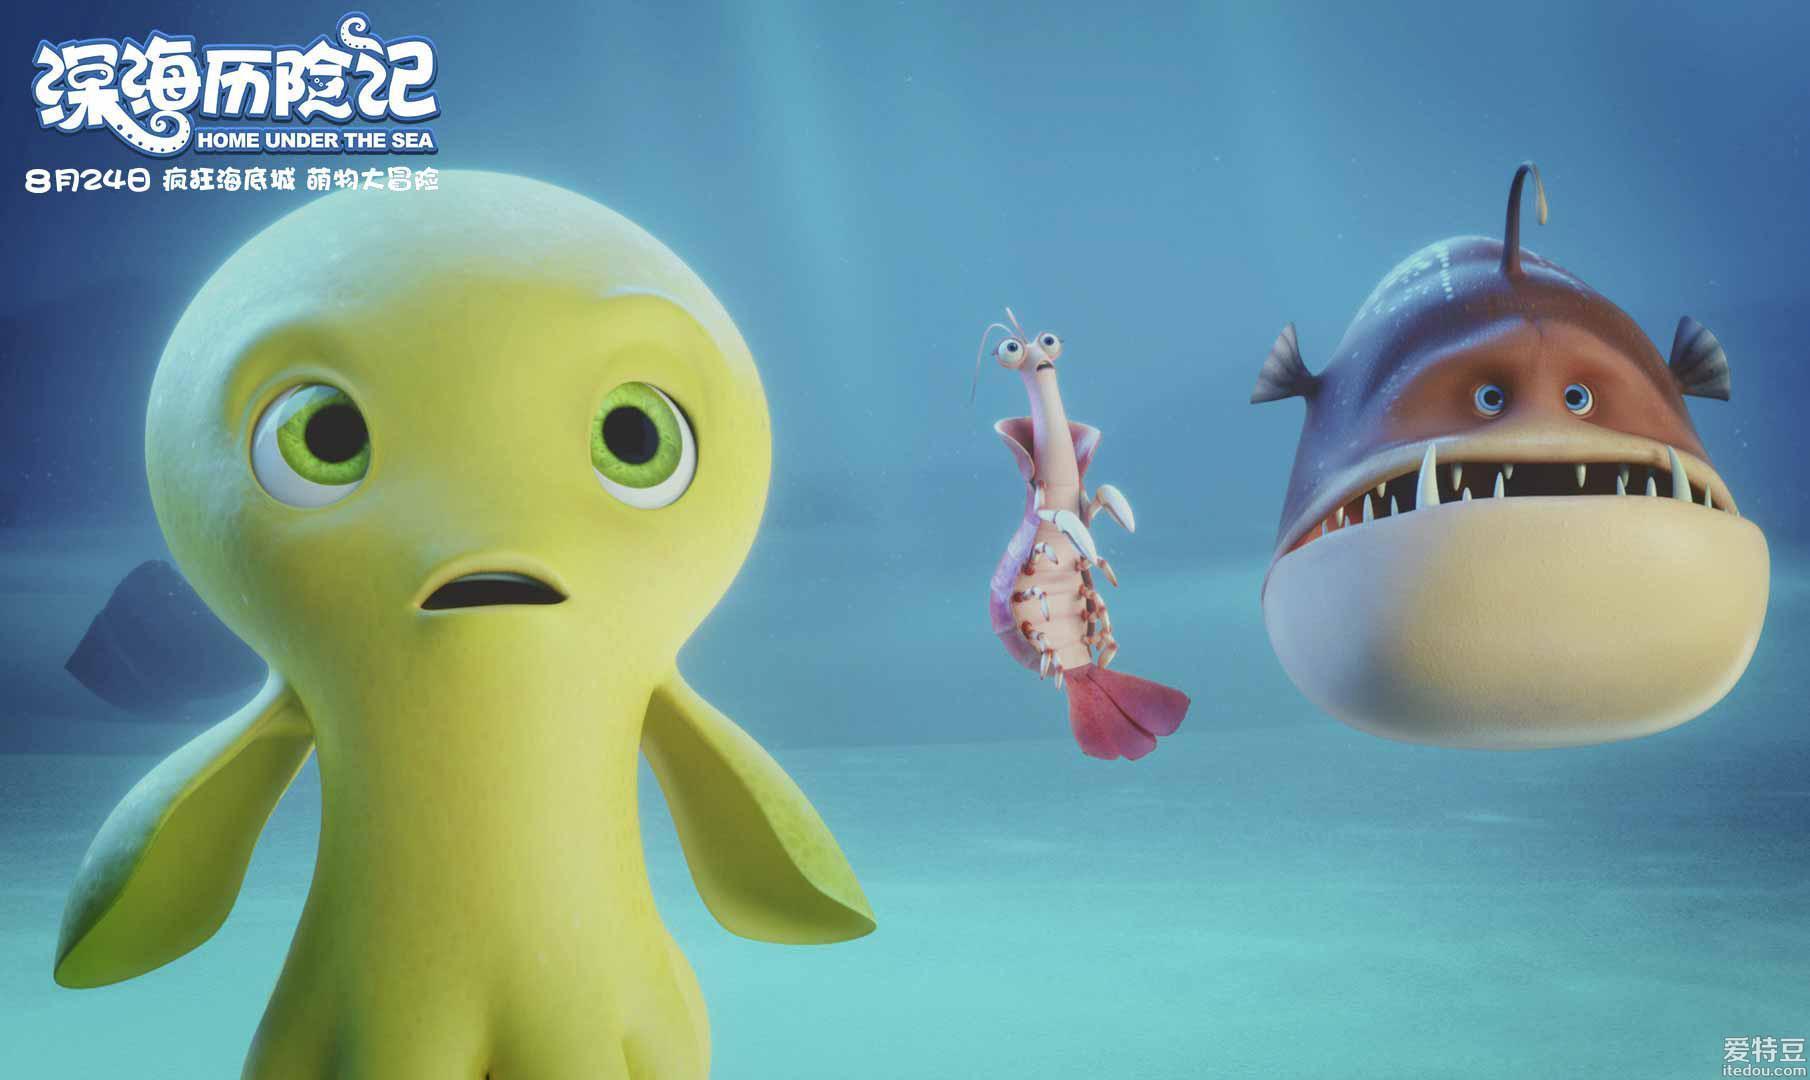 抢票丨动画电影《深海历险记》全国免费抢票